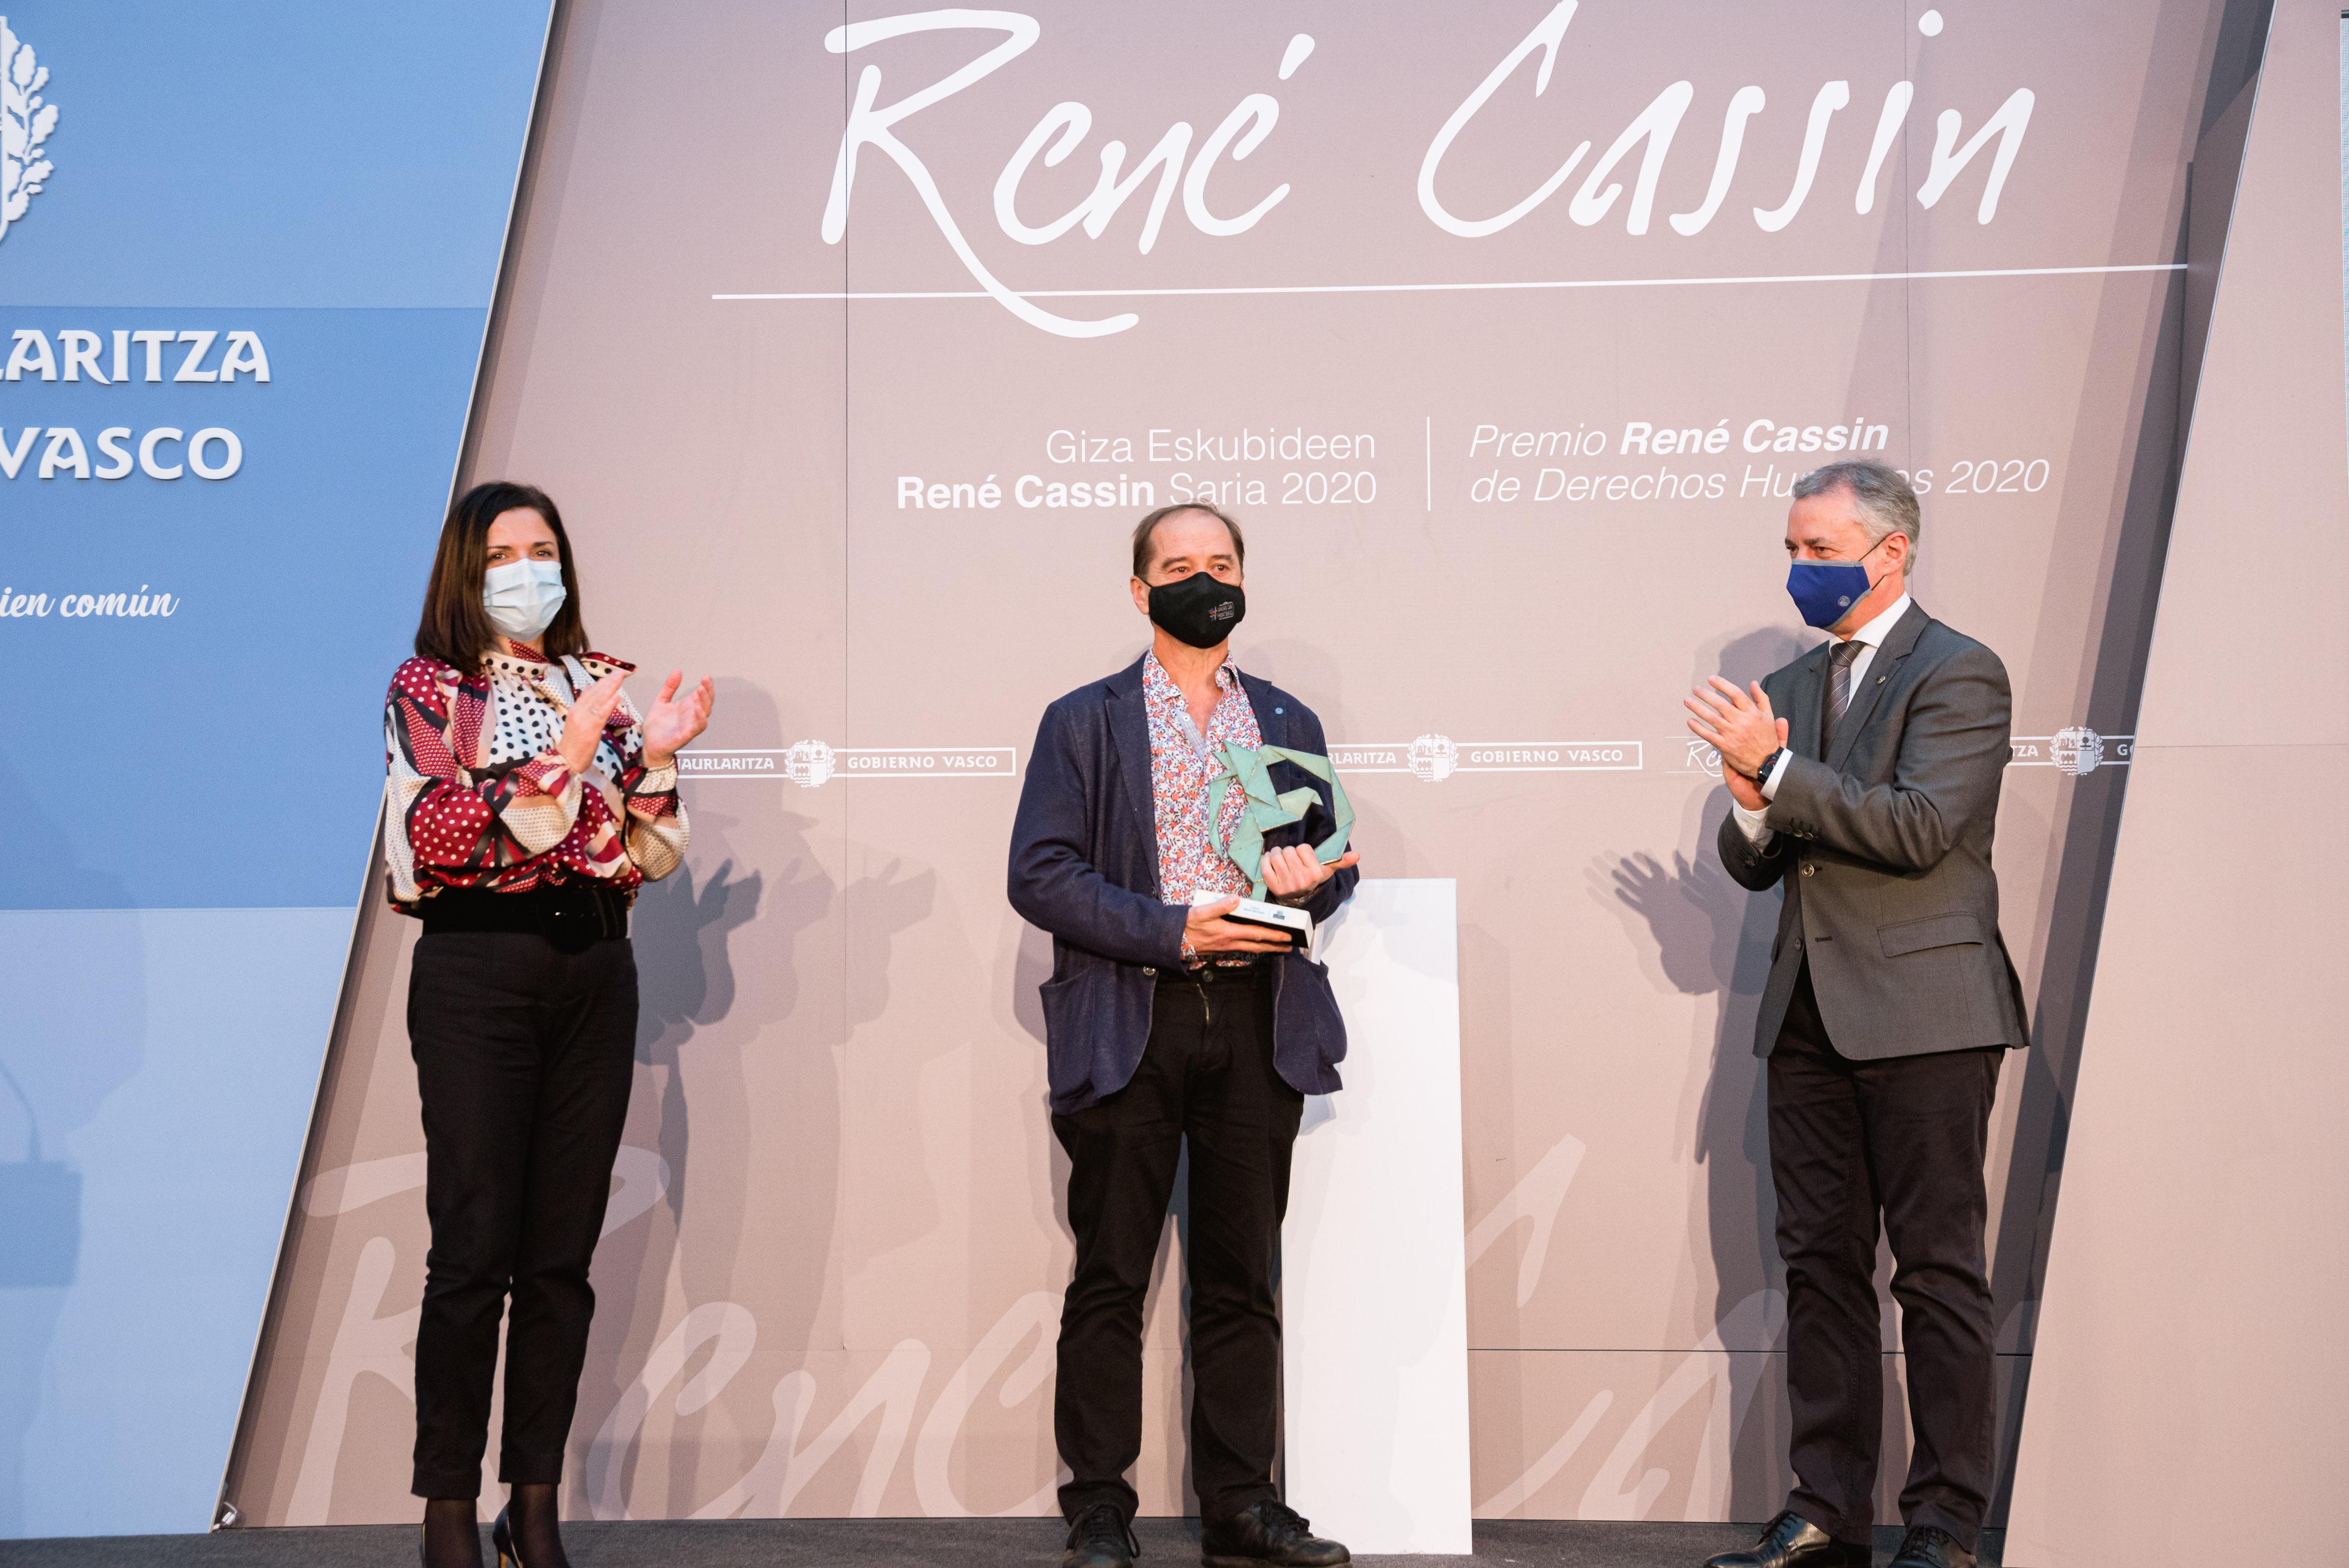 El Lehendakari entrega el Premio René Cassin 2020 a Carlos Martín Beristain por su contribución a la promoción y la defensa de los derechos humanos [50:12]